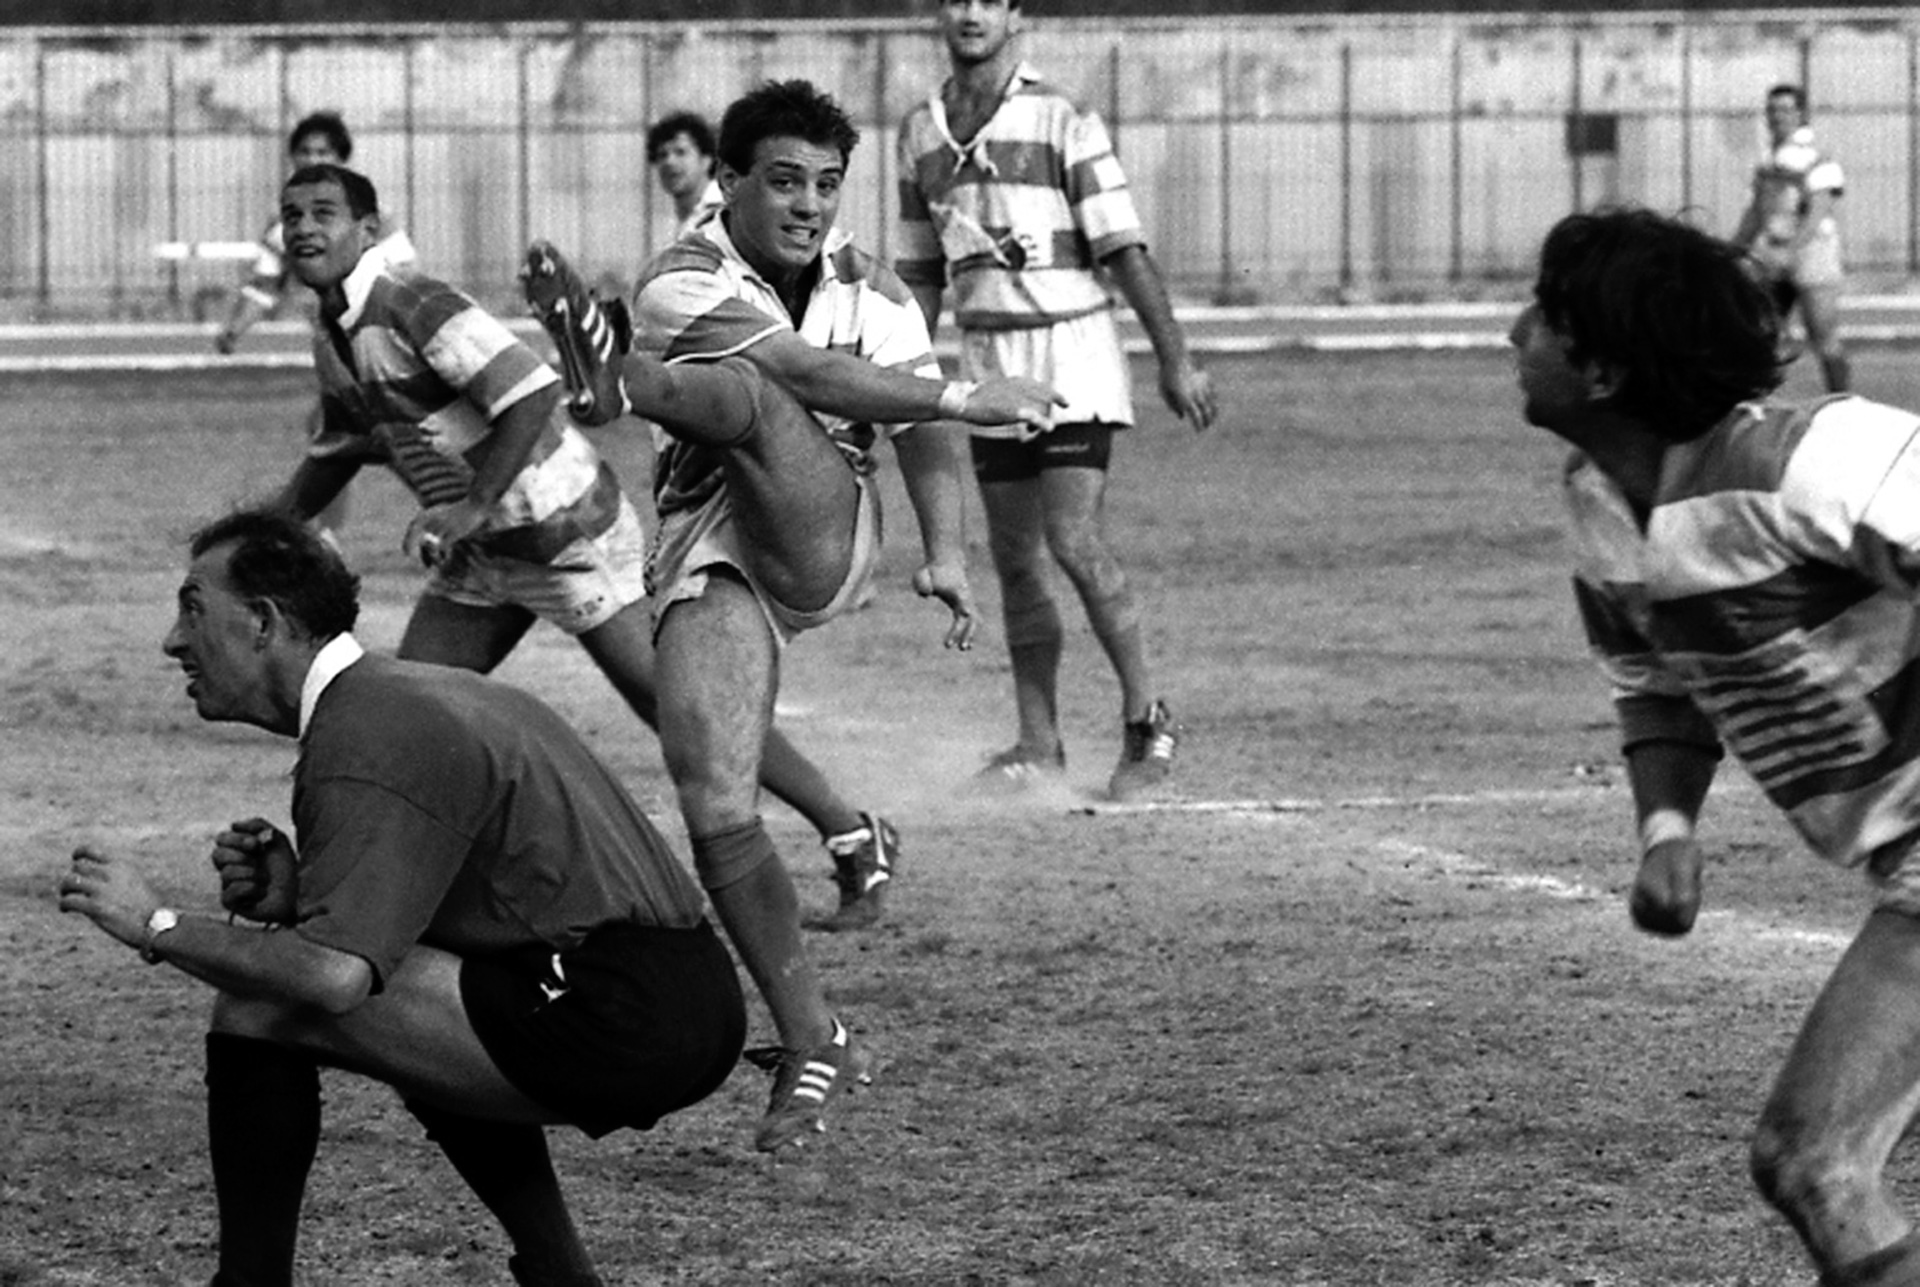 Fotografo Sport Napoli Stefano Cardone Reportage